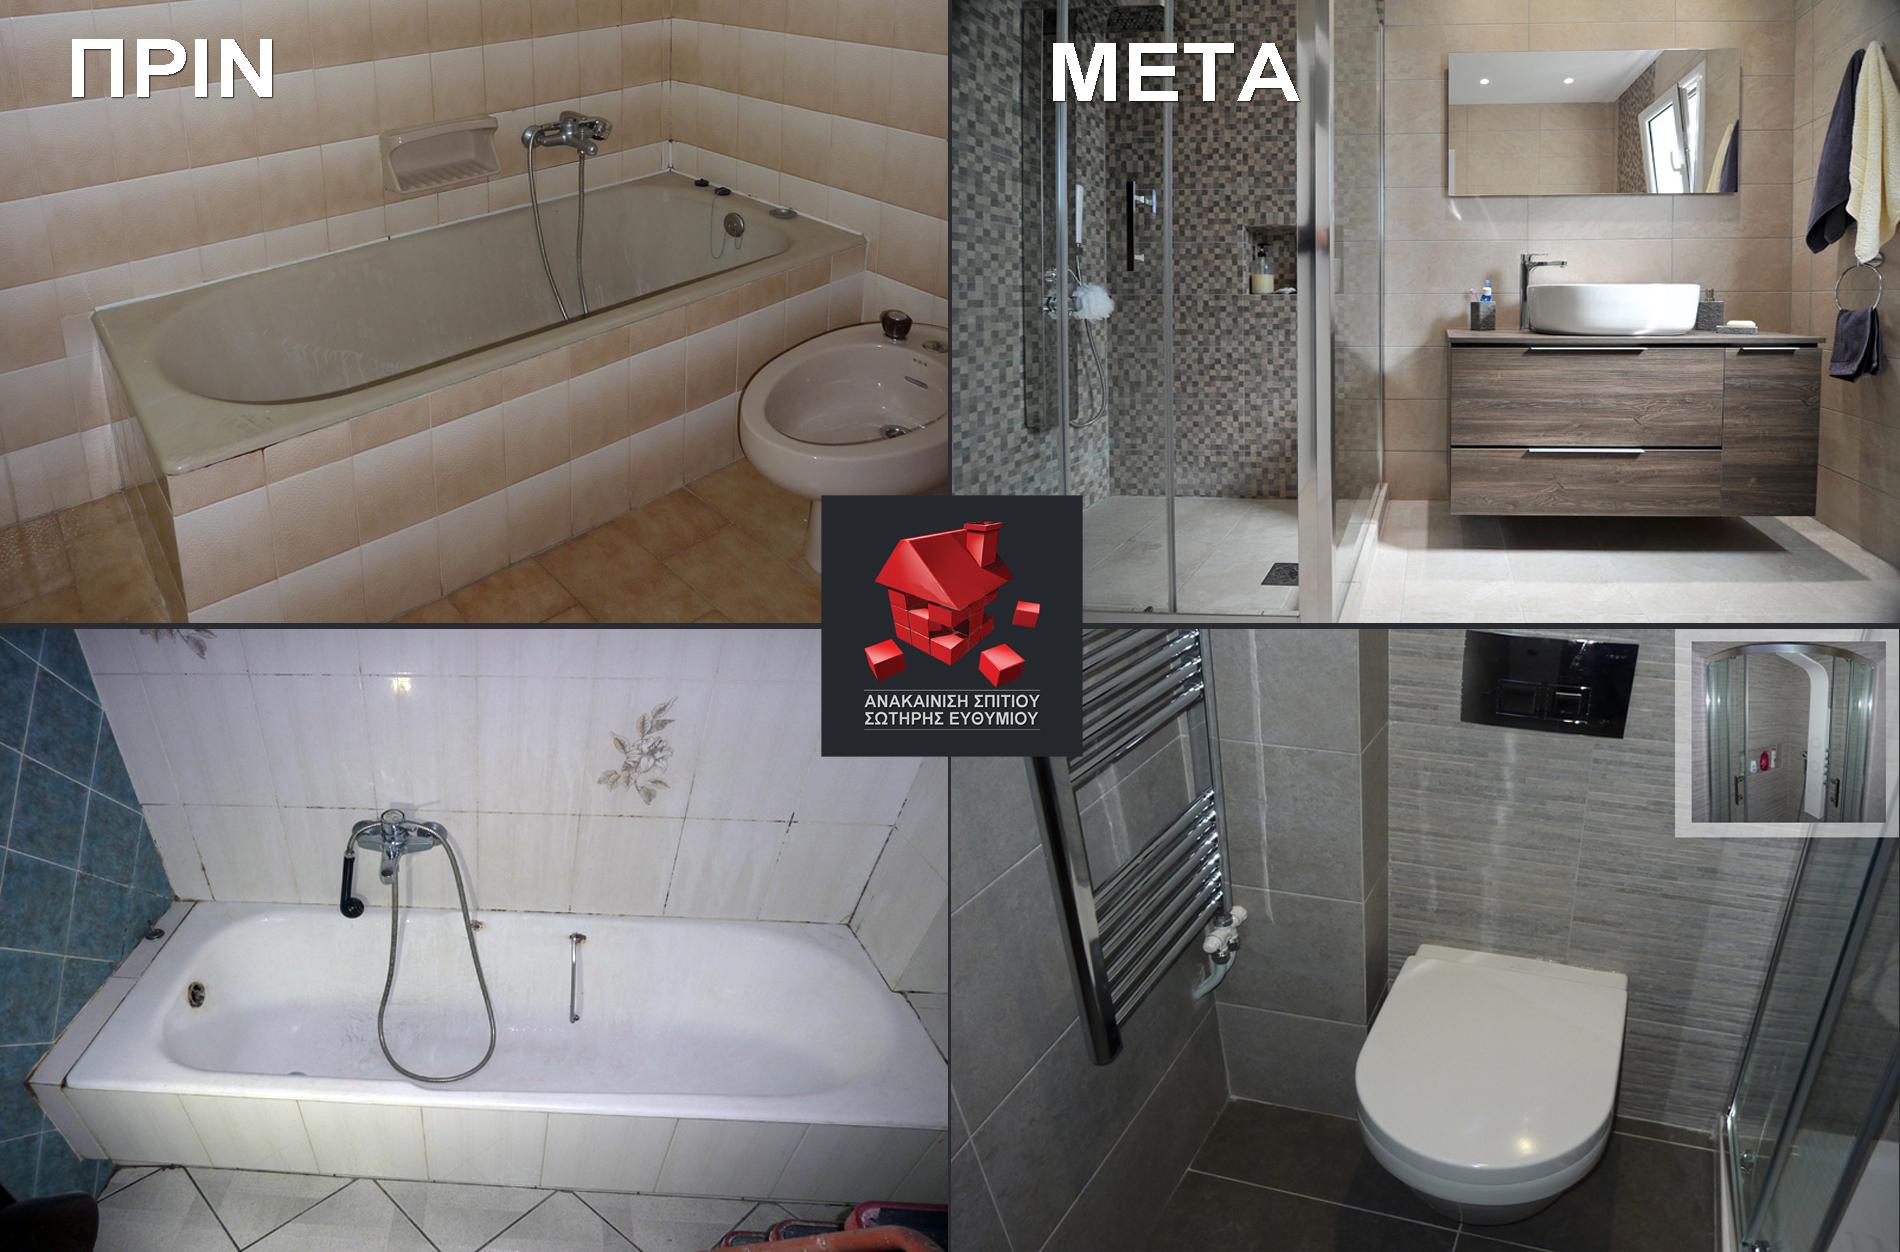 Ανακαίνιση μπάνιου πριν και μετά 03